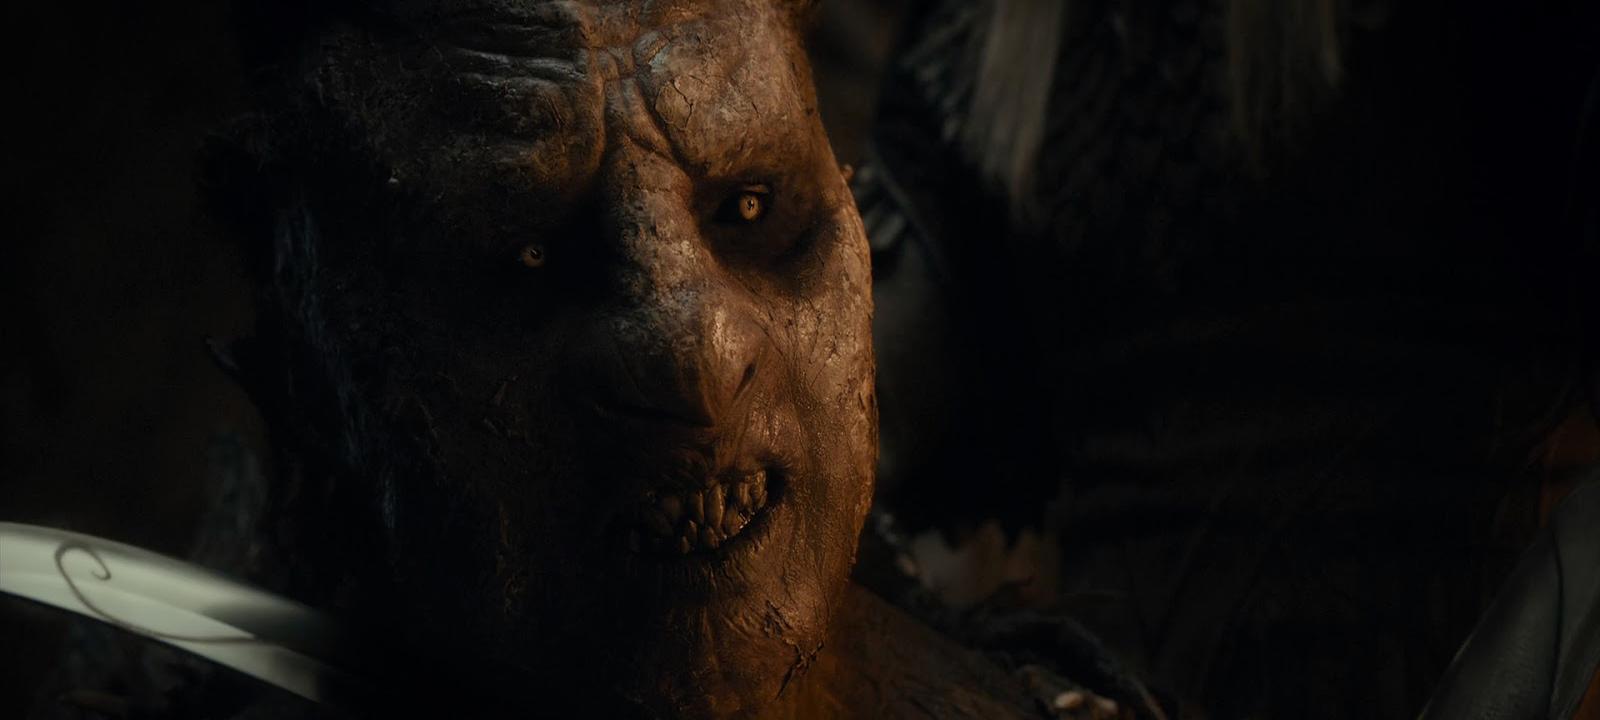 El Hobbit Trilogía HD 1080p Español Latino captura 2